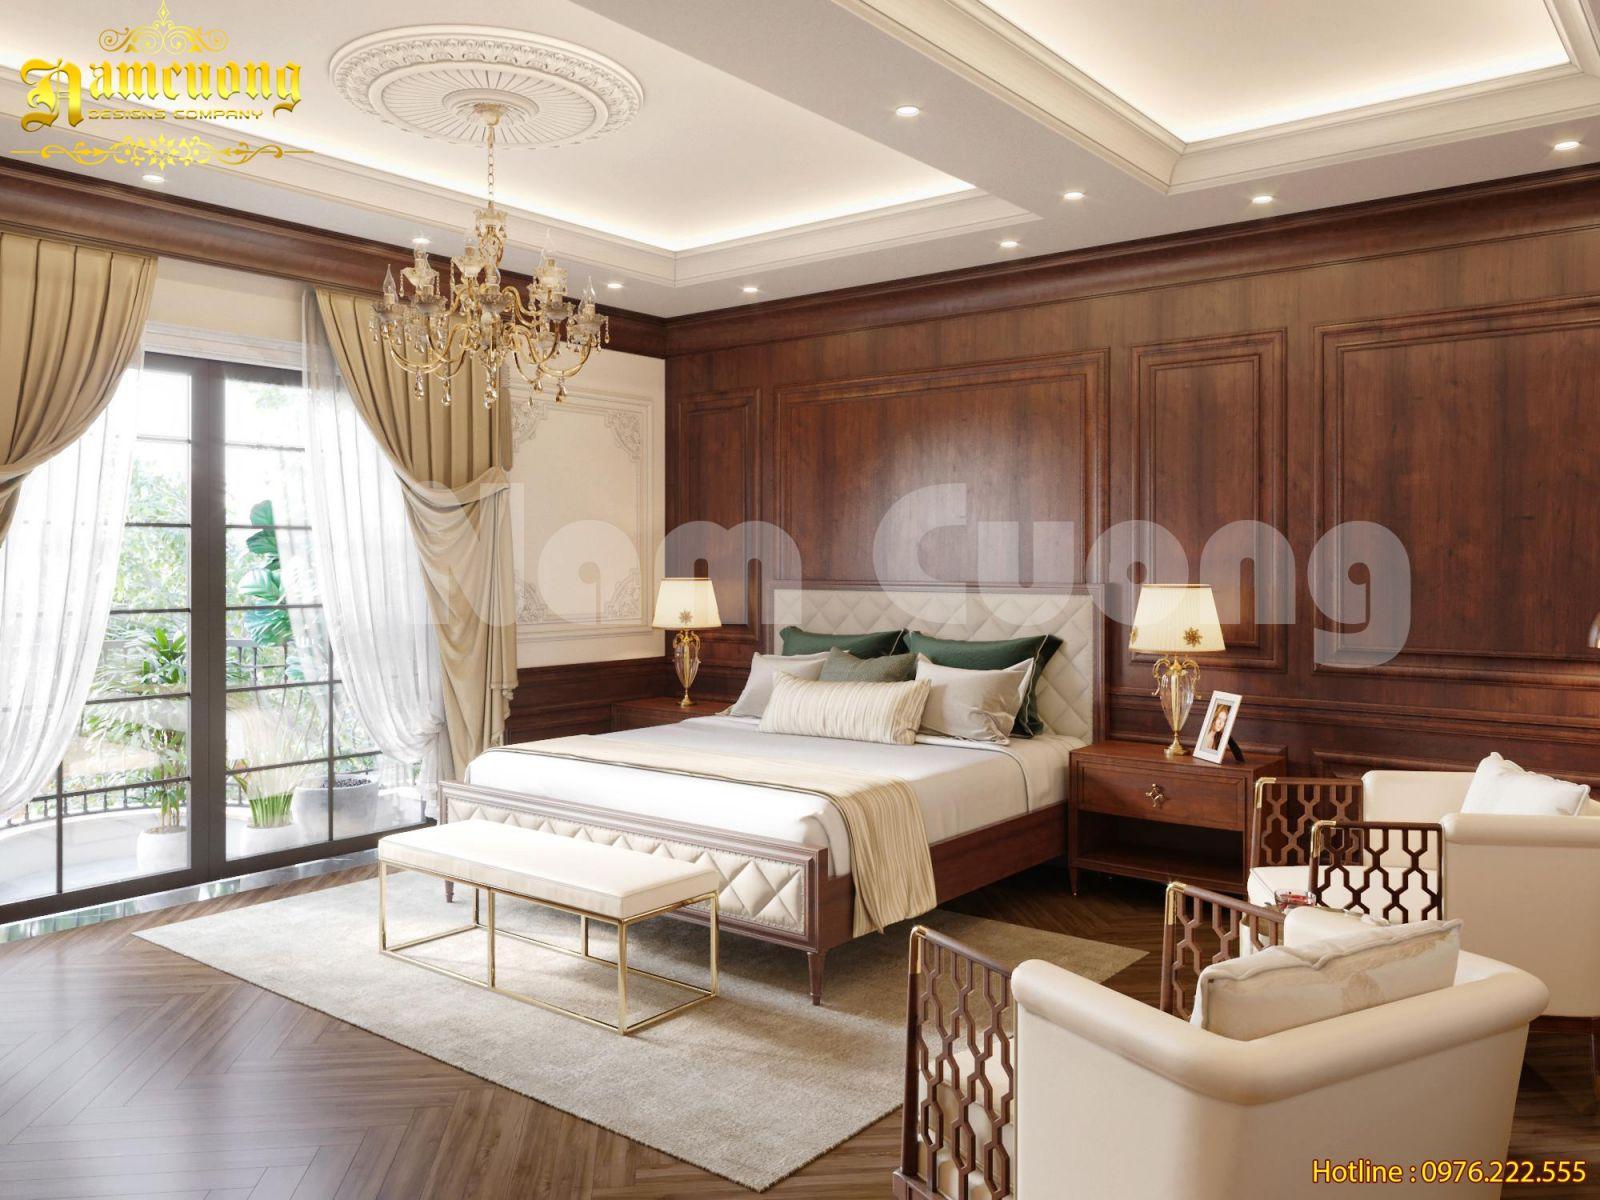 Cùng ngắm nhìn phong cách thanh lịch trong mẫu thiết kế nội thất tân cổ điển